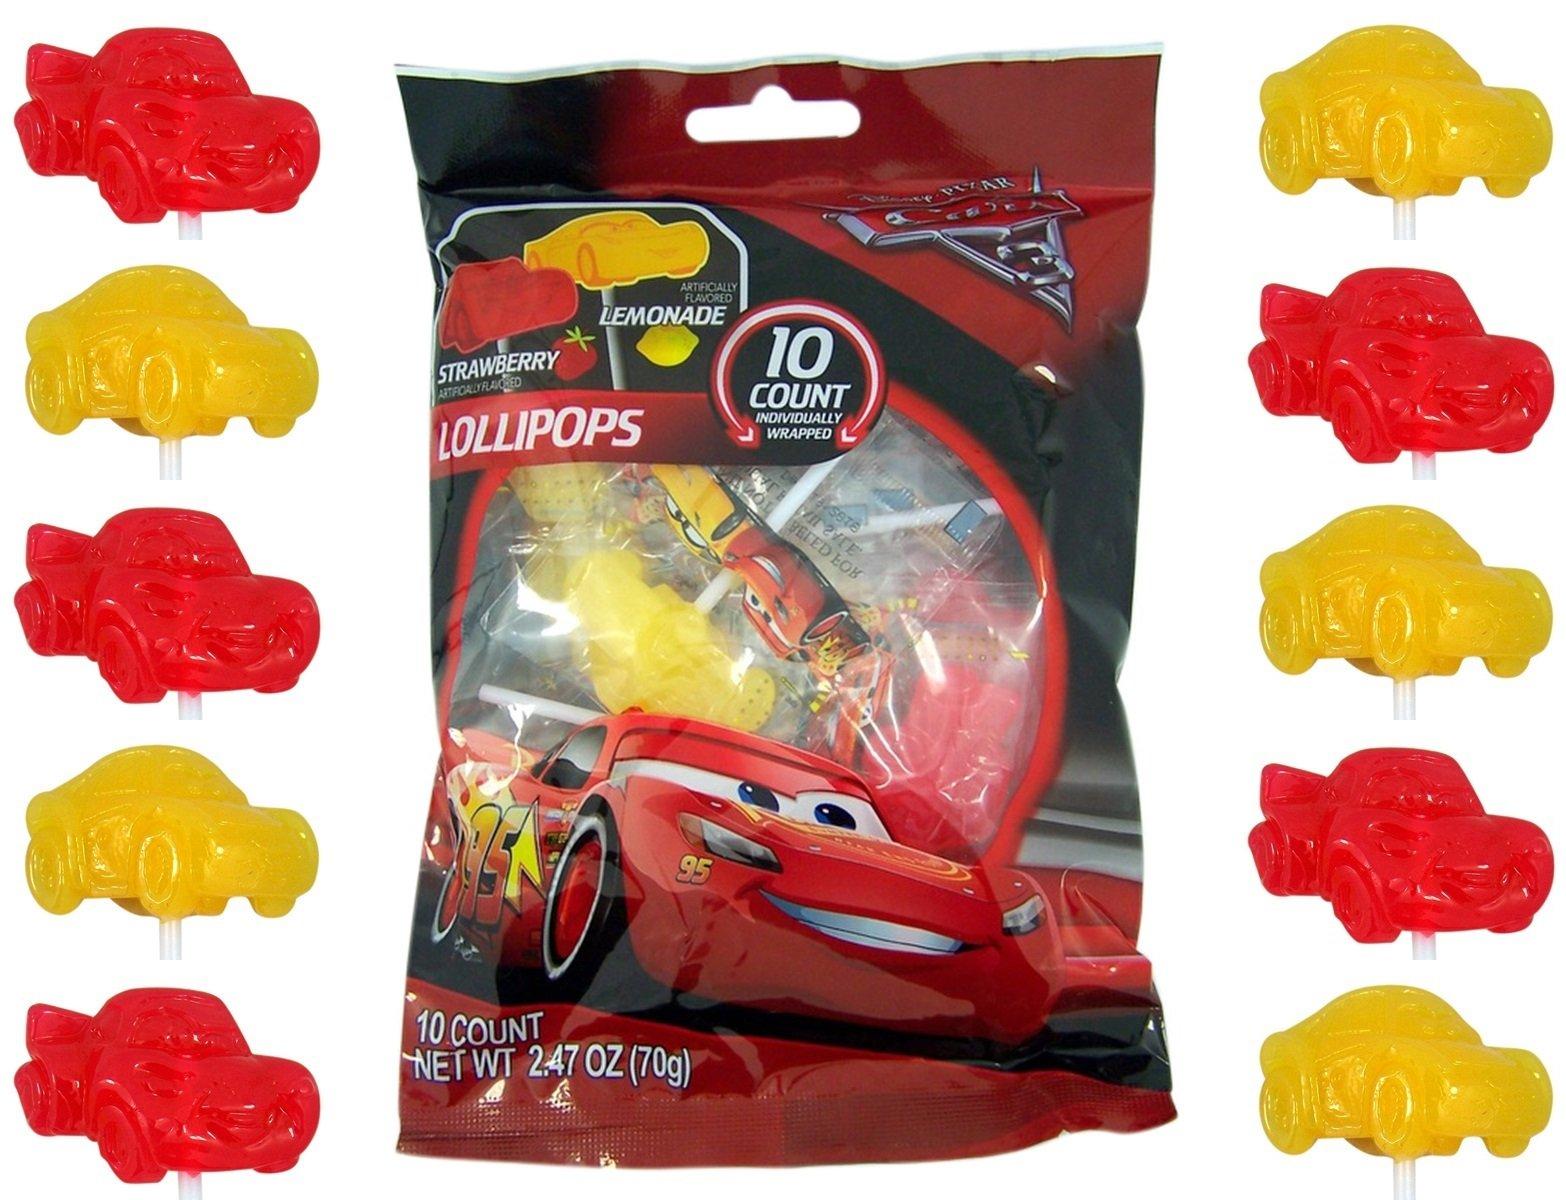 Disney Pixar Cars 3 Lightning McQueen Lollipops, 10 Count Bag